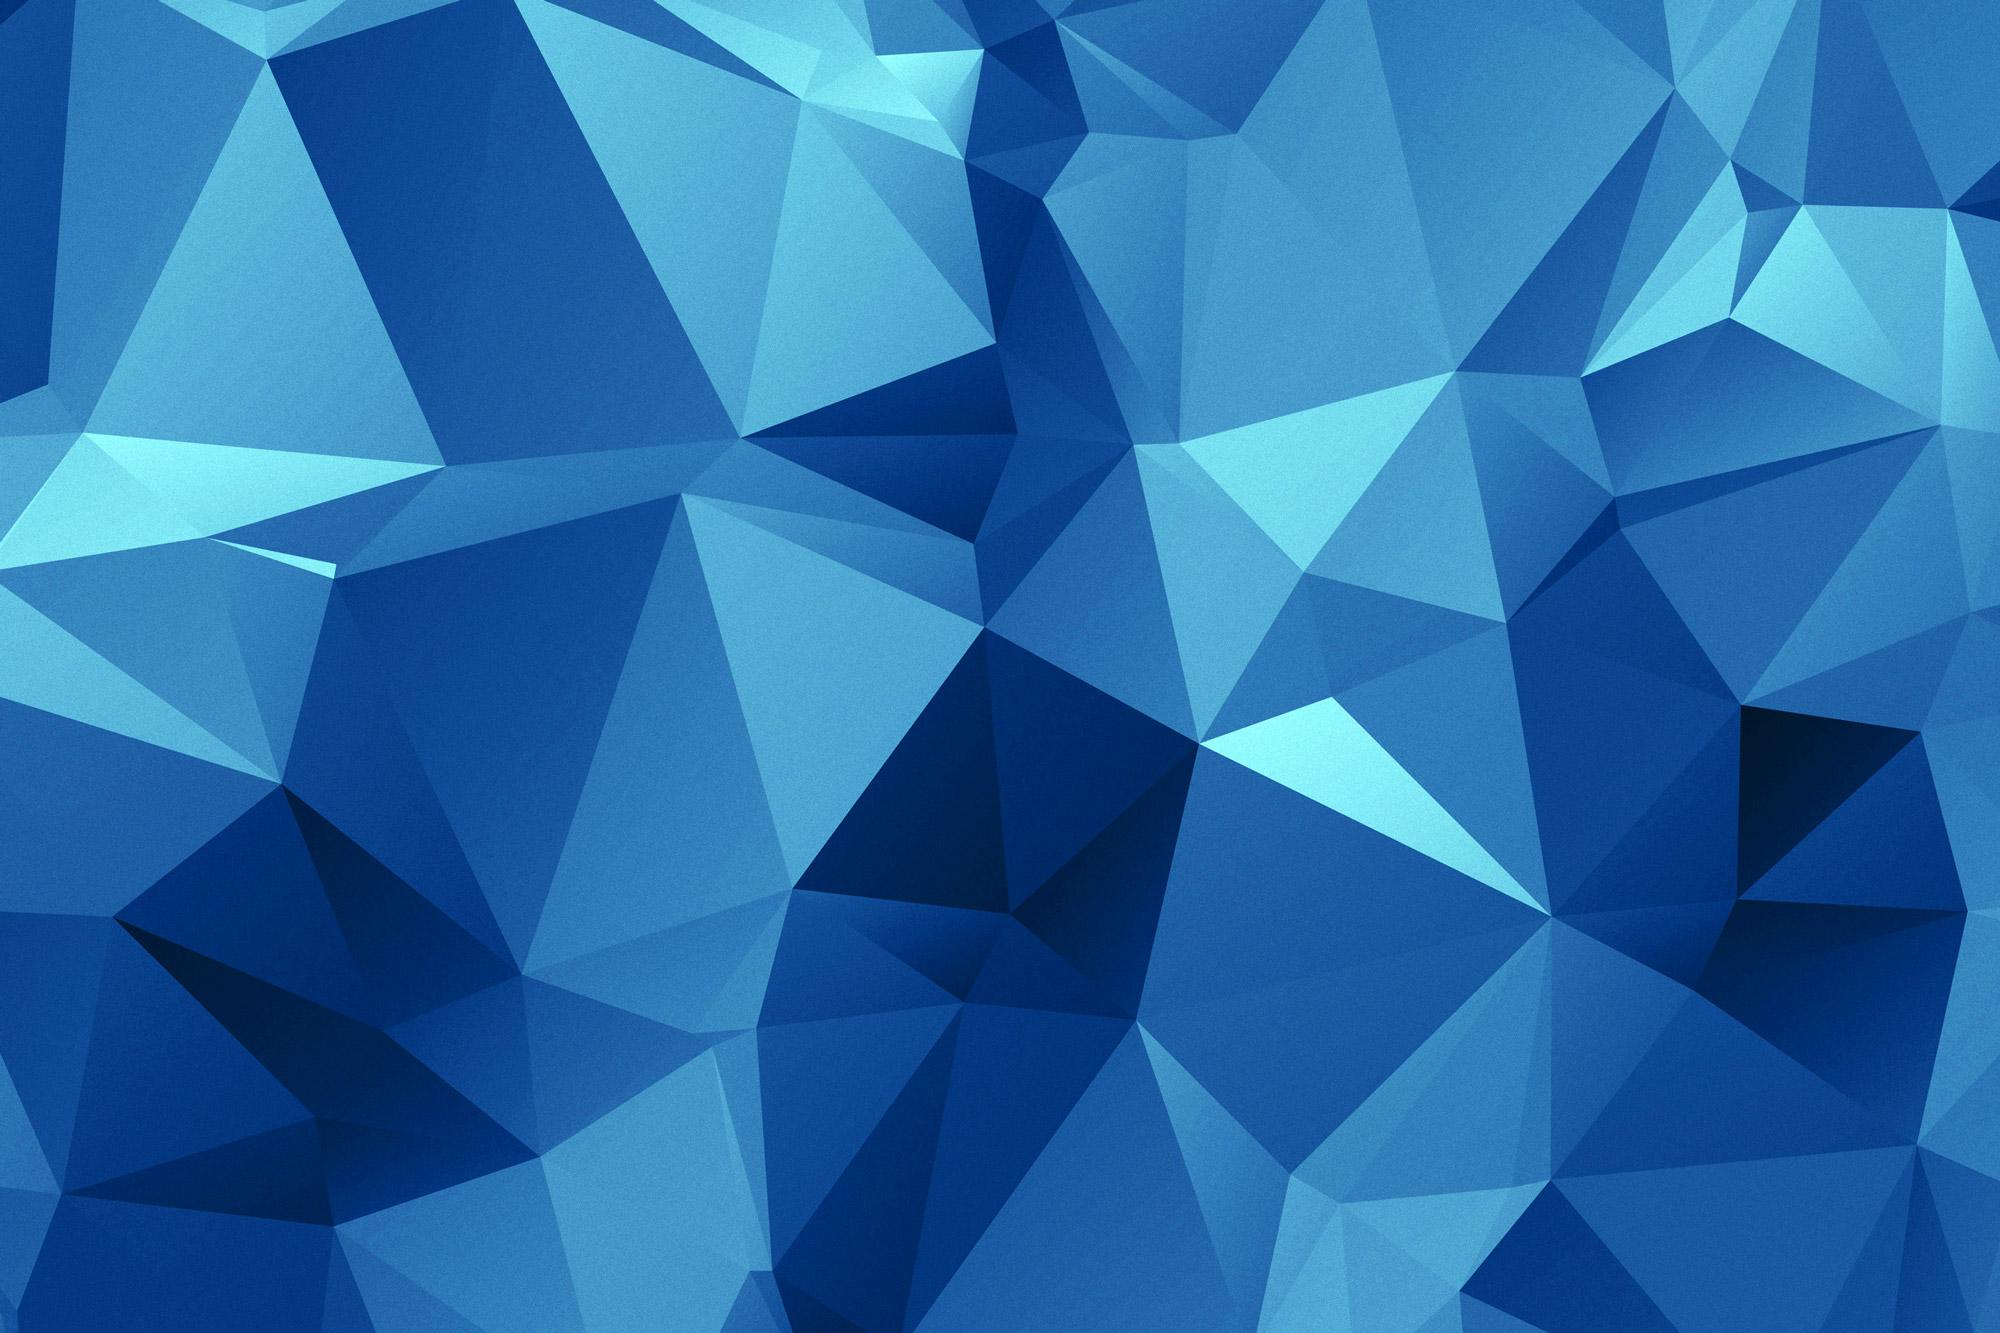 Farbenwirkung blau